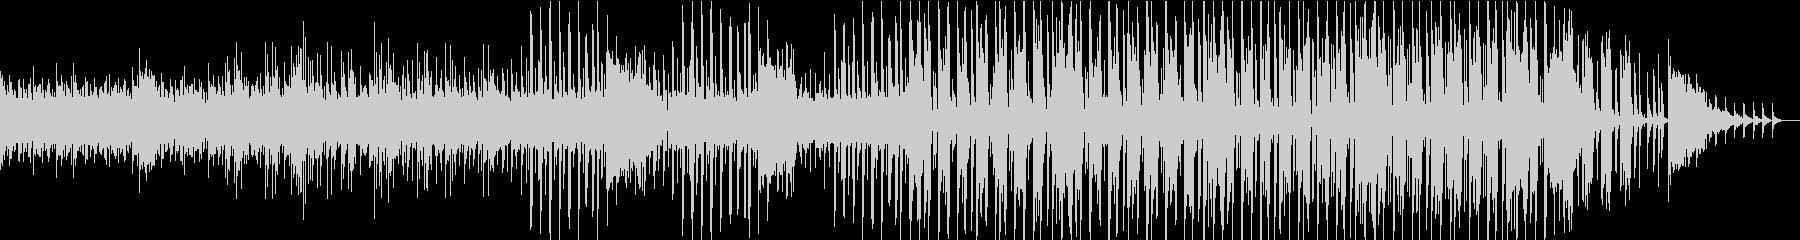 シンセを使った怪しい感じのBGMの未再生の波形